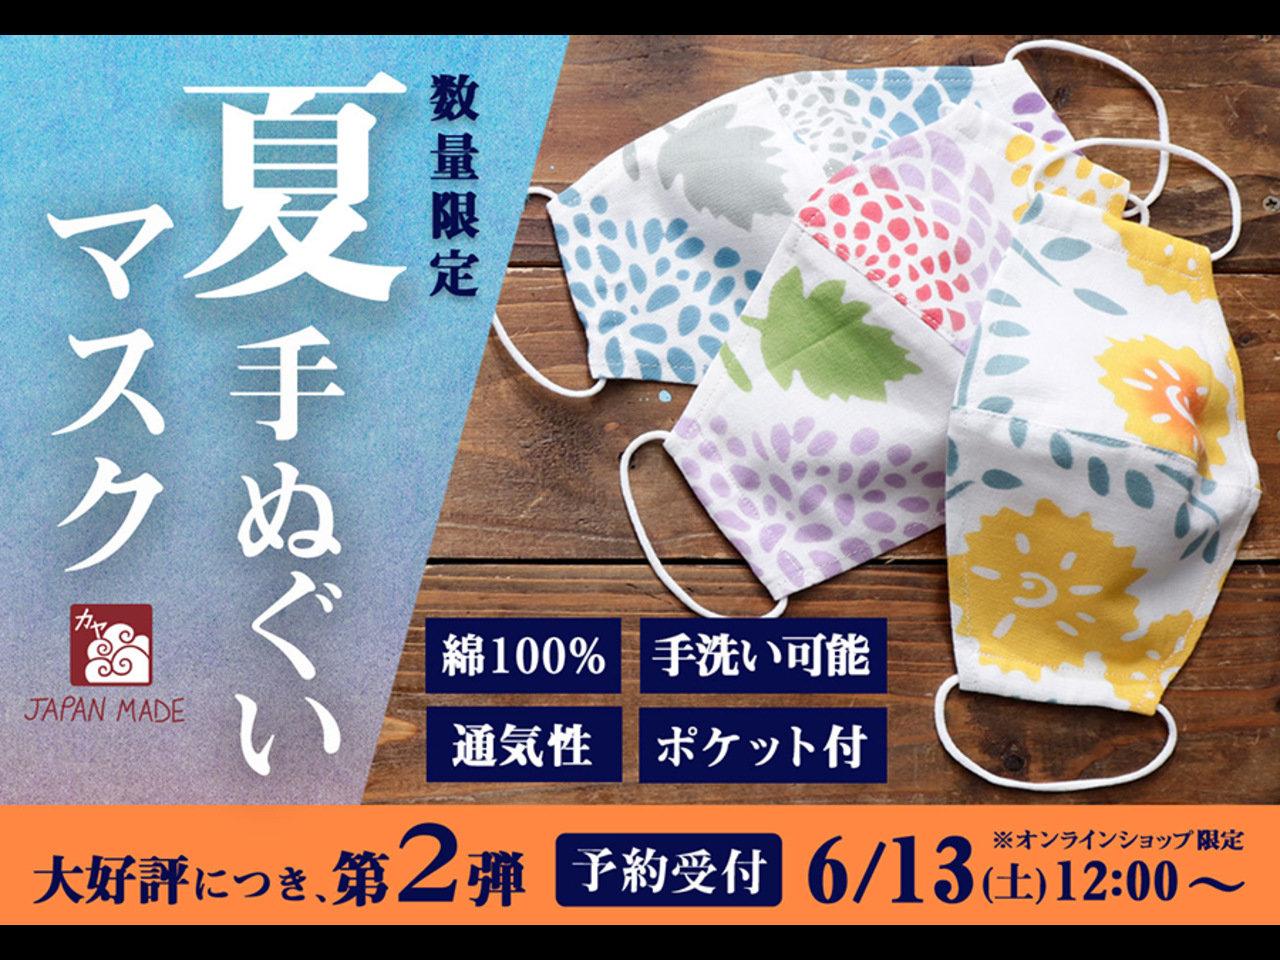 日本製和柄マスク発売!夏てぬぐいマスクでお洒落を楽しもう。